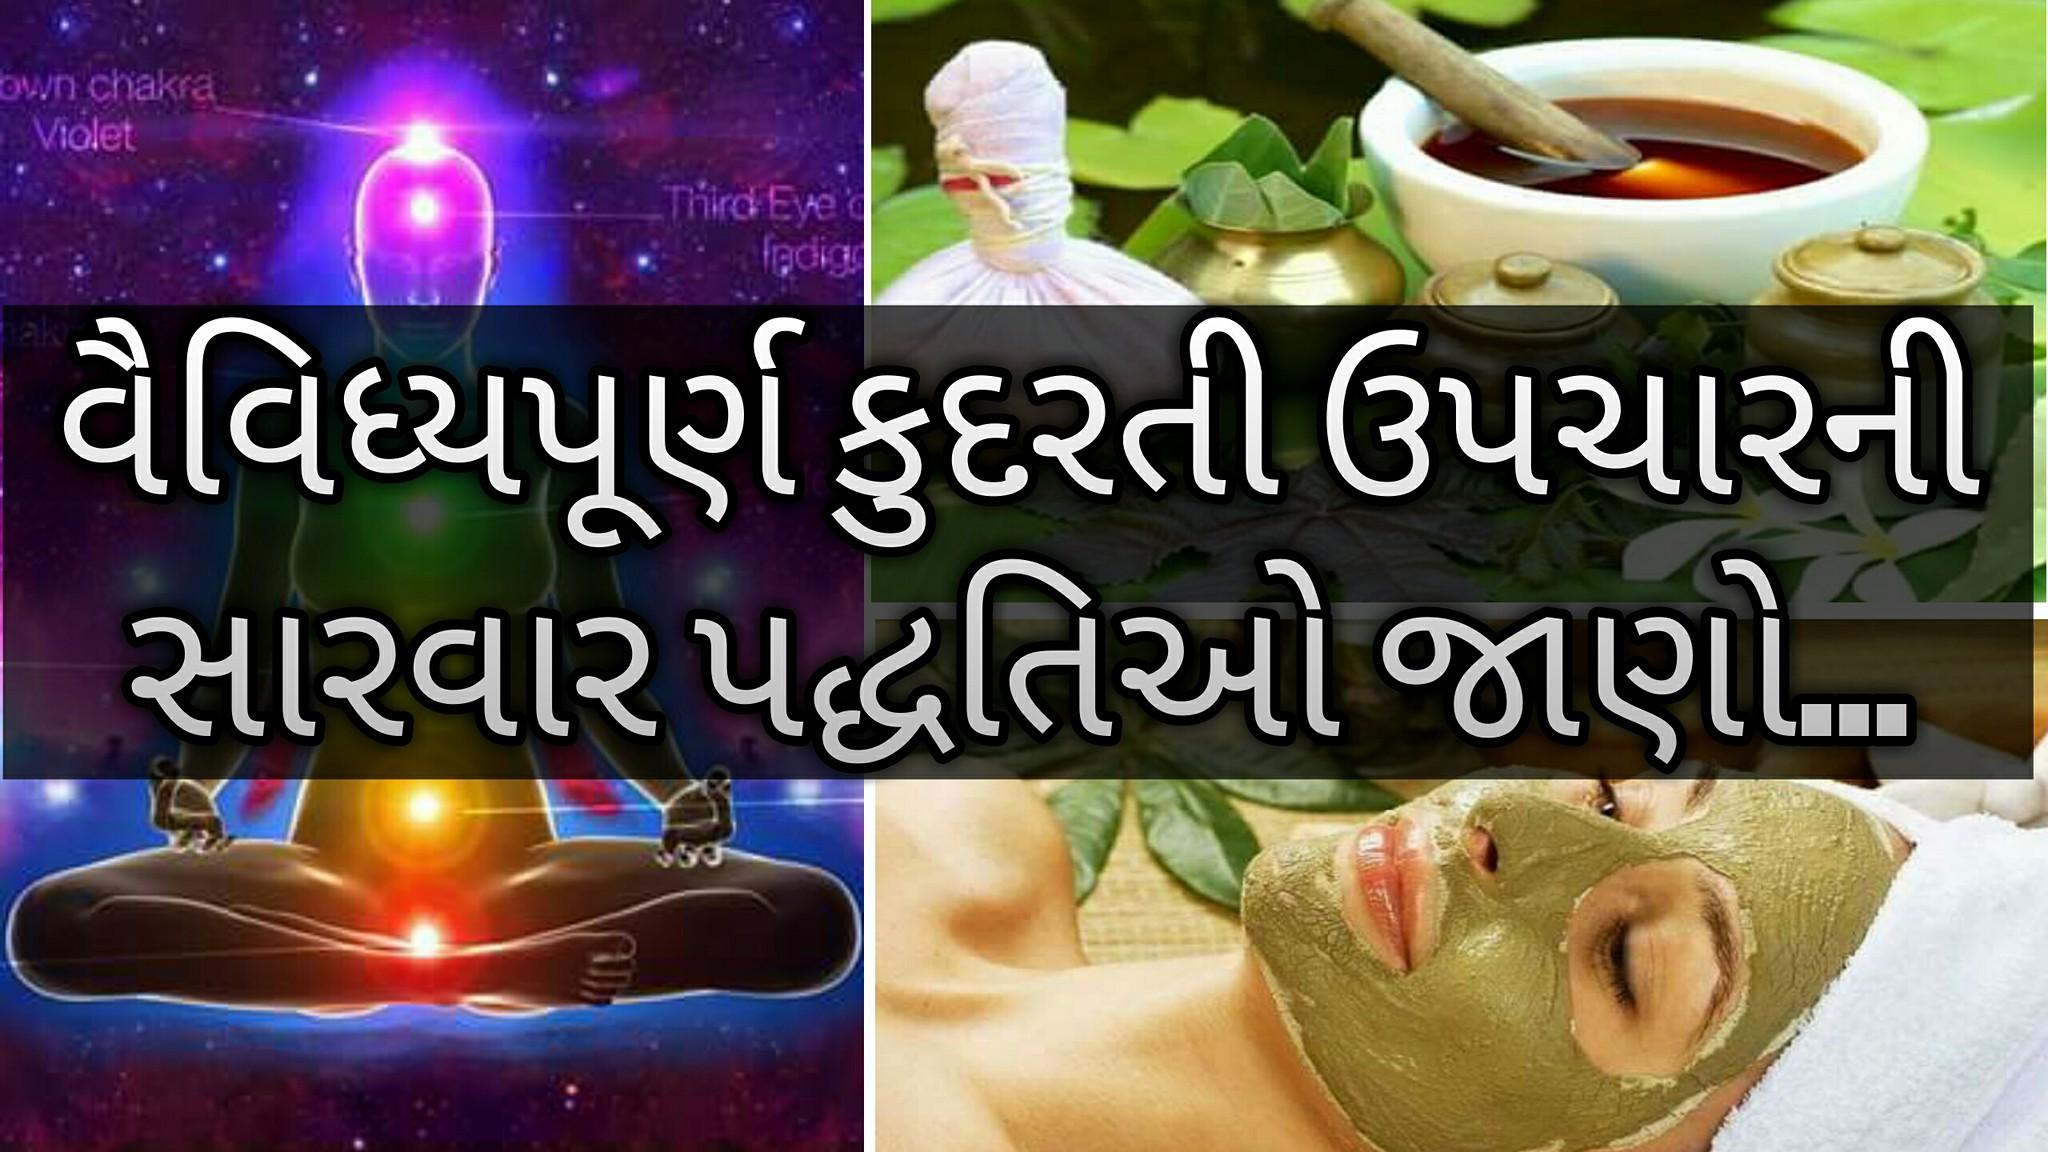 કુદરતી ઉપચારની તન-મન-આત્માને શુદ્ધ કરતી સારવાર પદ્ધતિઓ જાણો